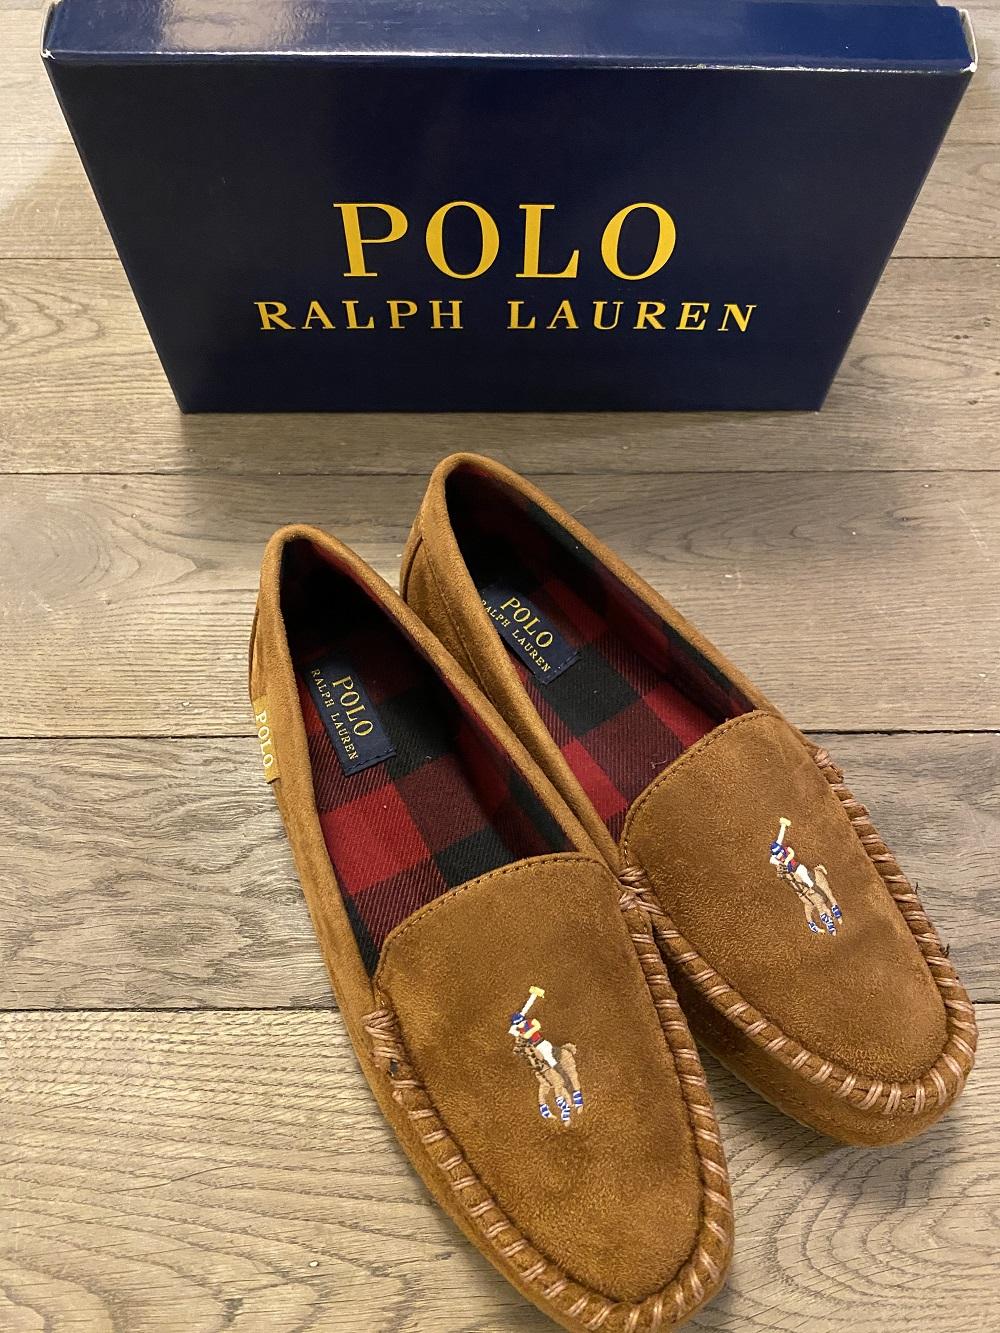 Polo Ralph Lauren Pantoffels dames